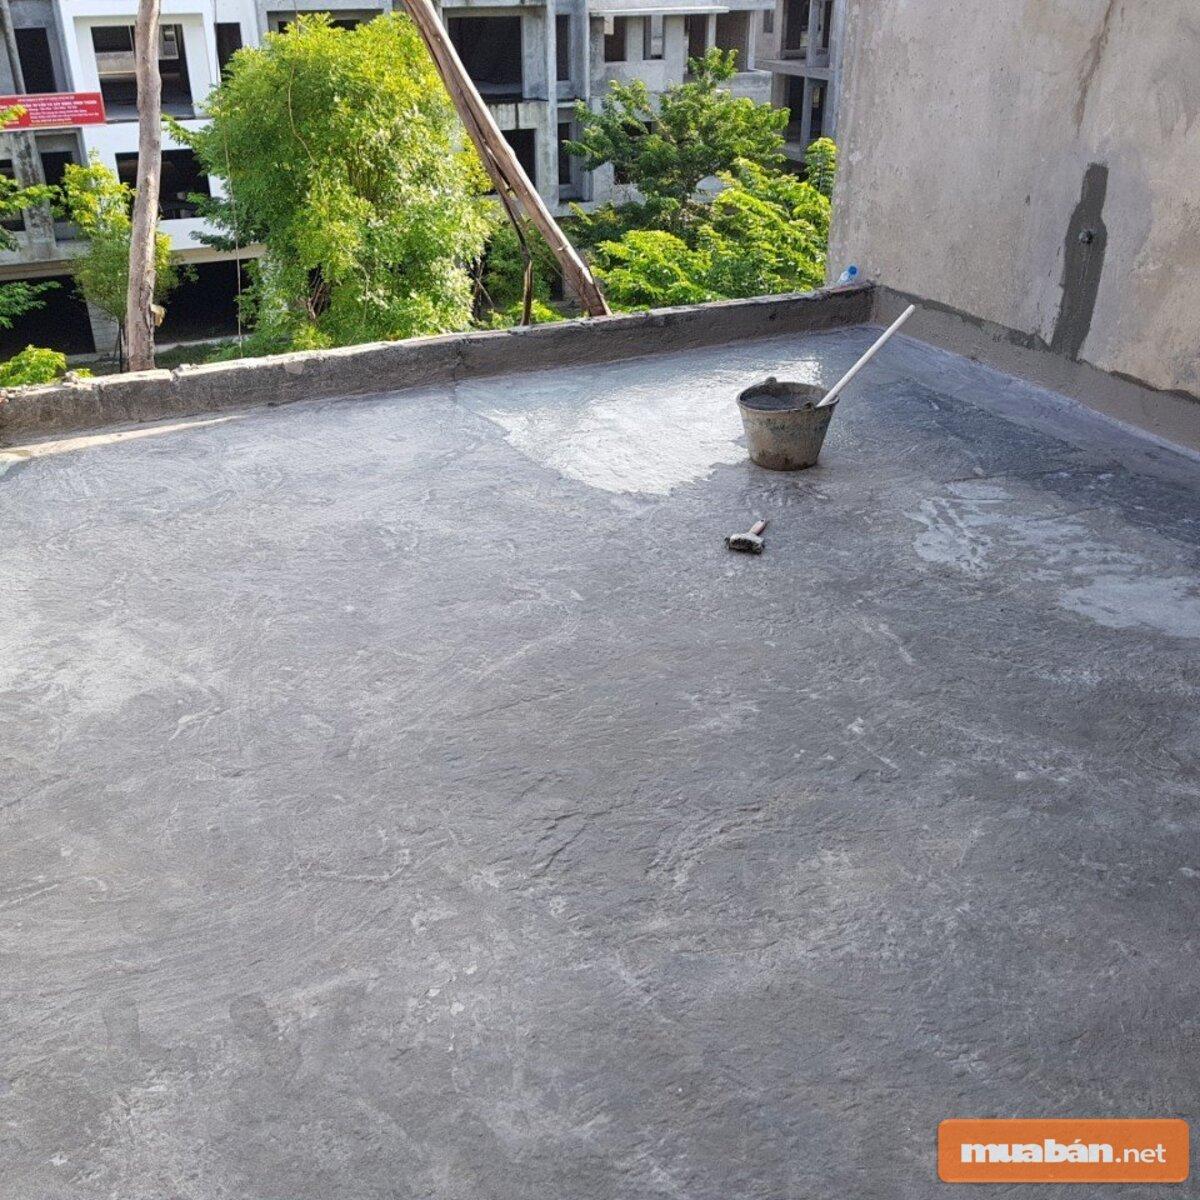 Hy vọng bạn sẽ có lựa chọn tốt nhất về chất chống thấm cho căn nhà của mình